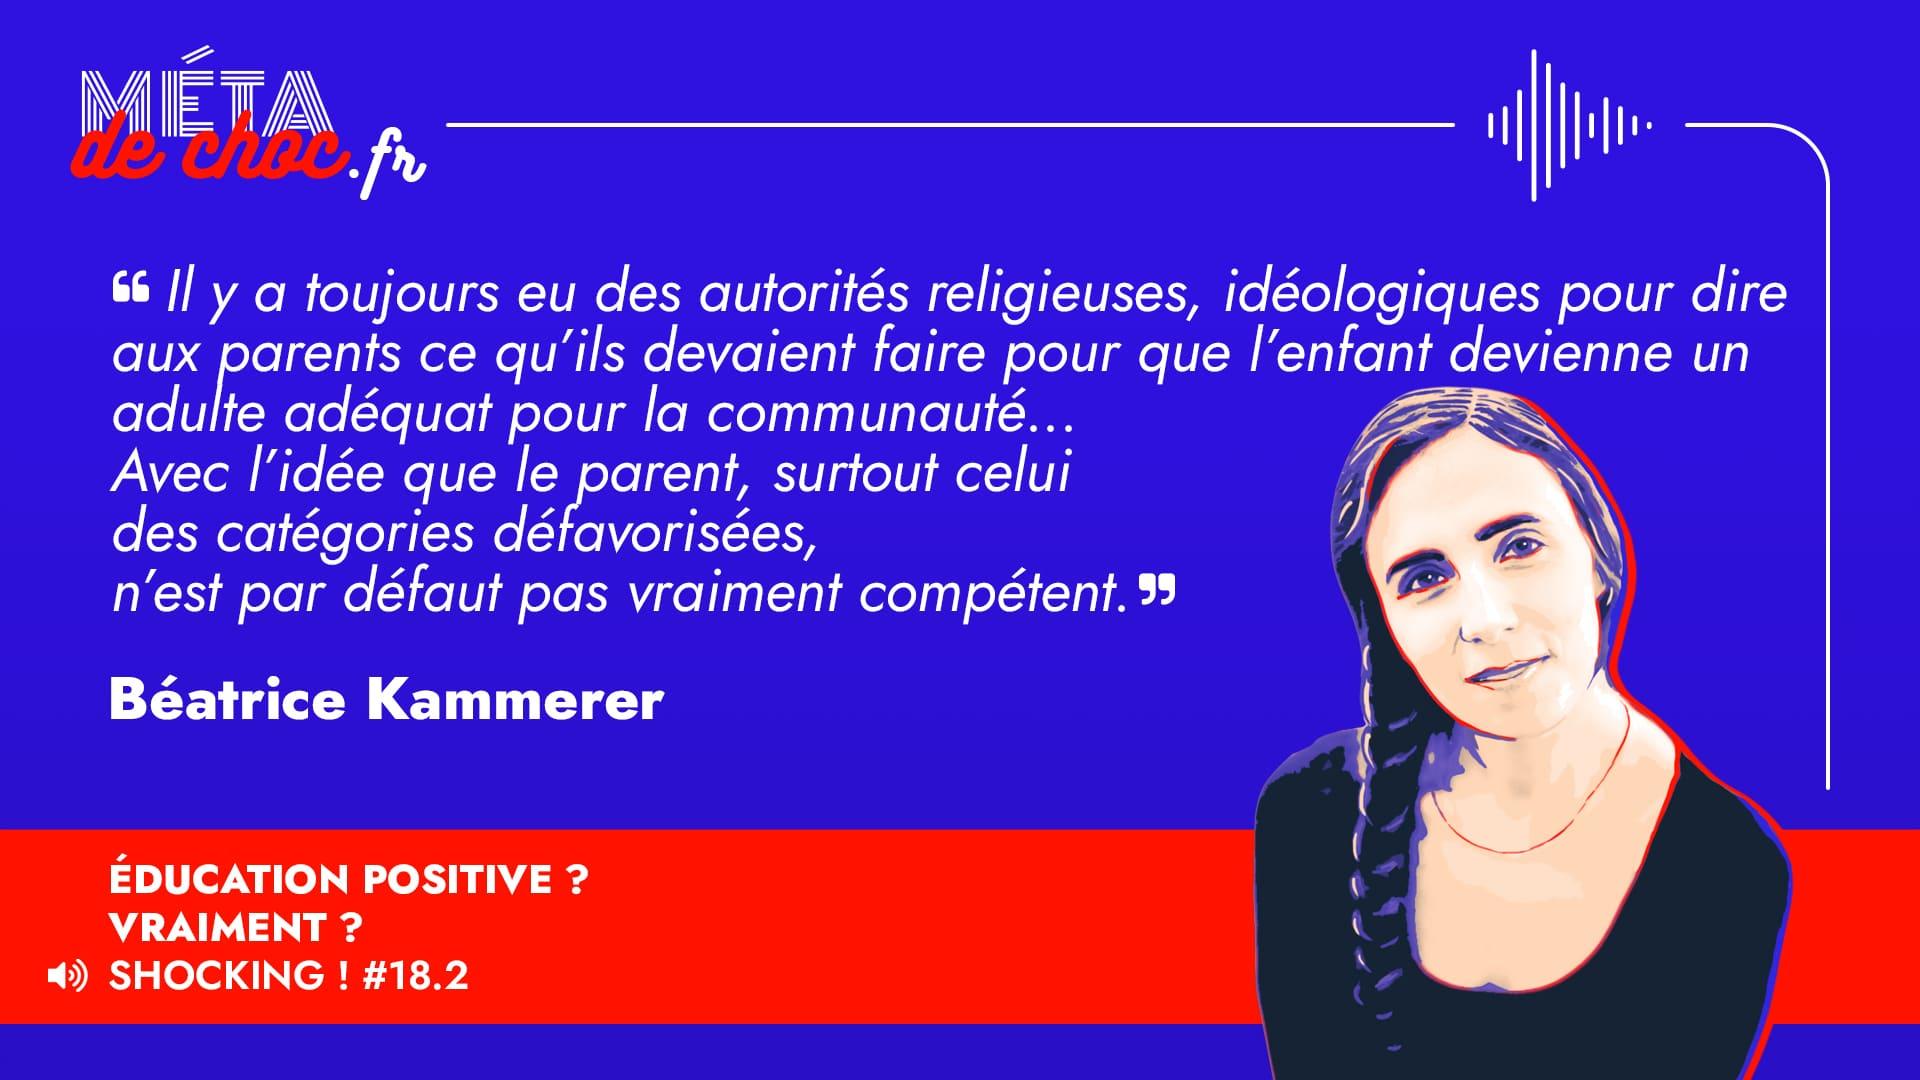 Thème du mème :  | Citation :  | Auteur.rice : Béatrice Kammerer | Émission : Éducation positive? Vraiment? | Image d'illustration :